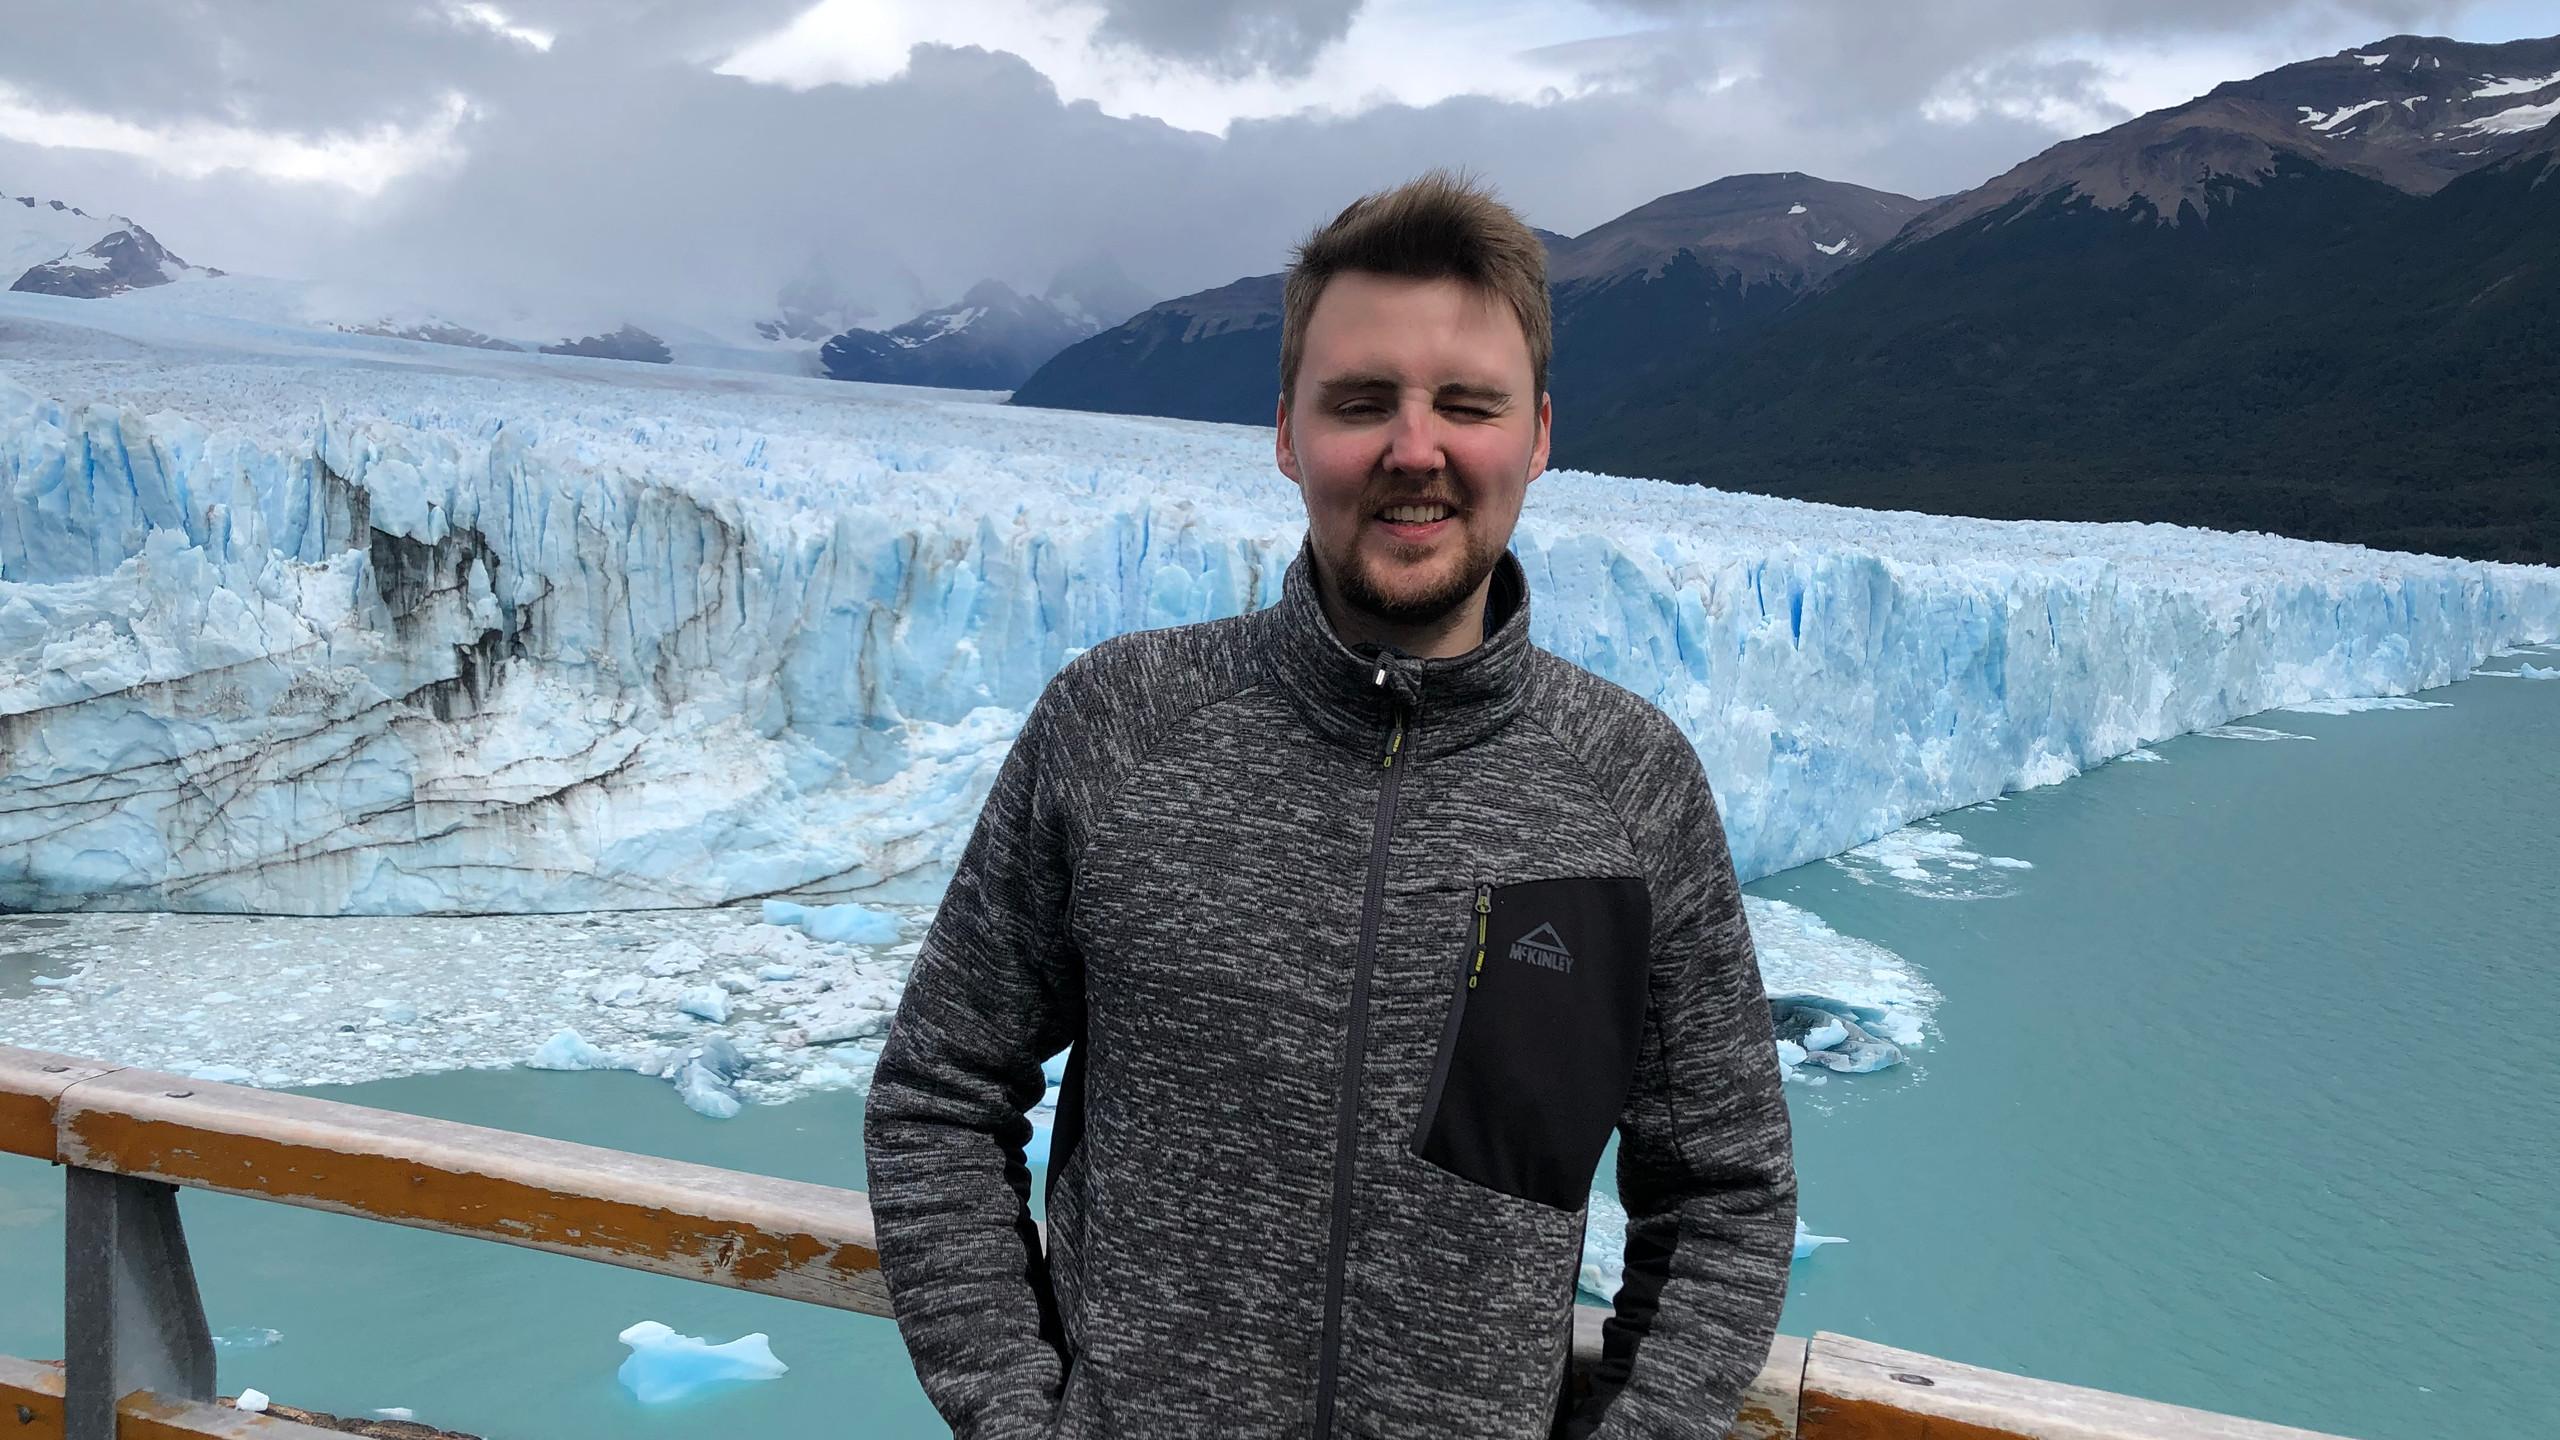 Perito Moreno Gletscher ist der größte Gletscher in Südamerika - er ist daher sehr begehrt bei Touristen